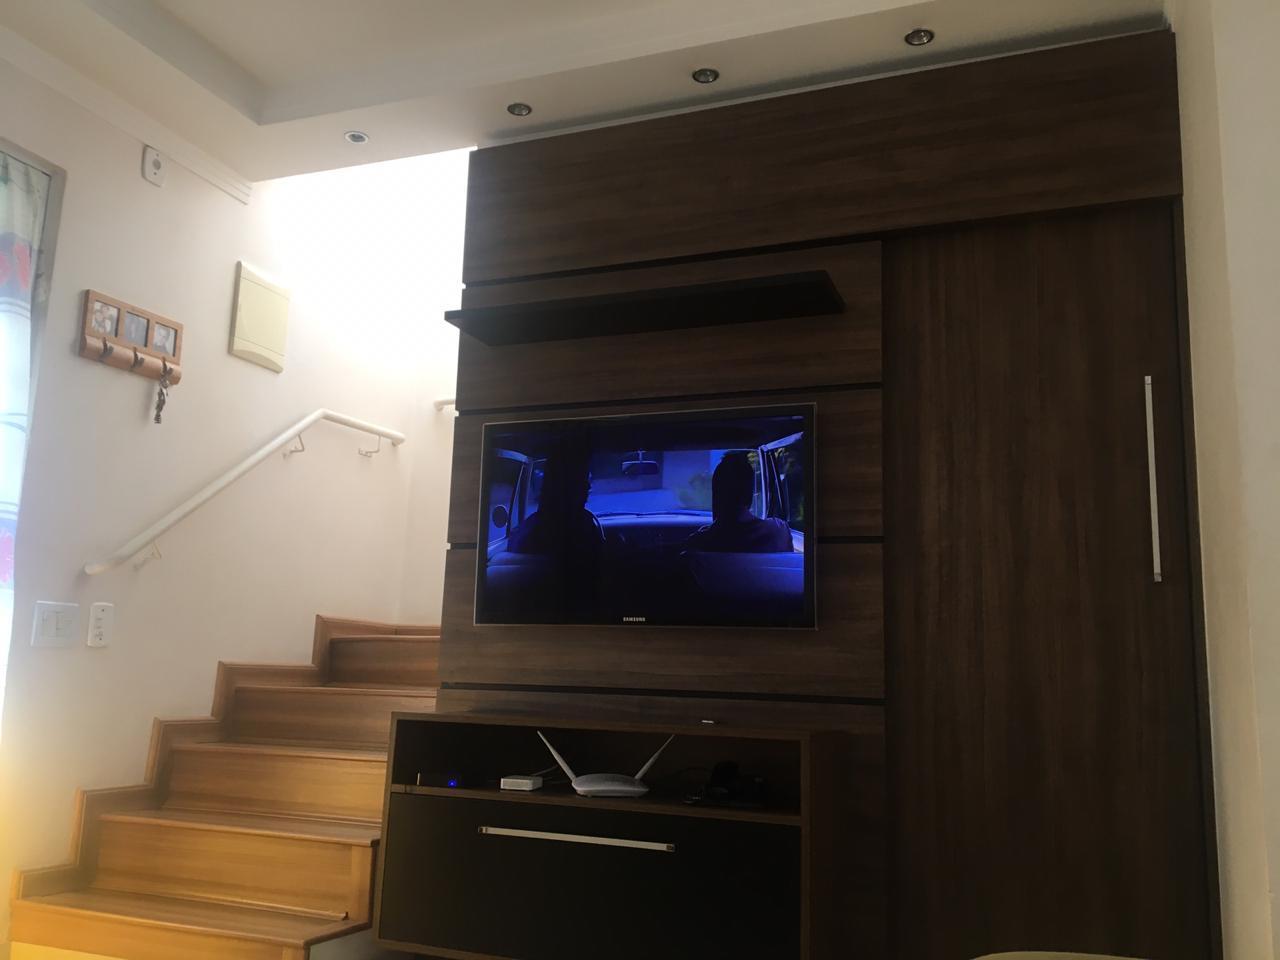 Casa com 2 dormitórios à venda, 65 m² por R$ 291.500,00 - Jardim Interlagos - Hortolândia/SP